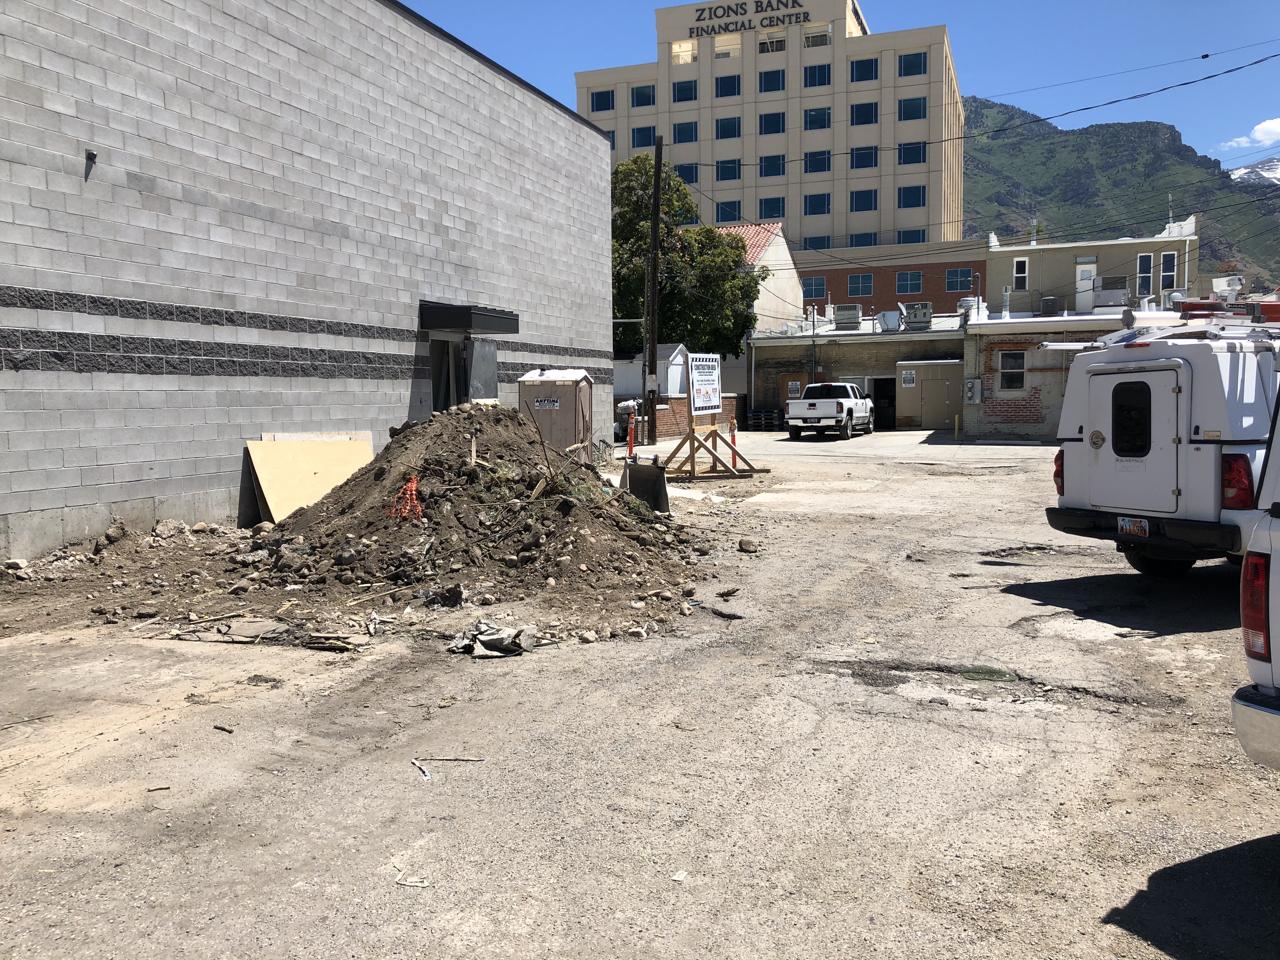 Behind the studio the excavators began preparing the alley for asphalt.